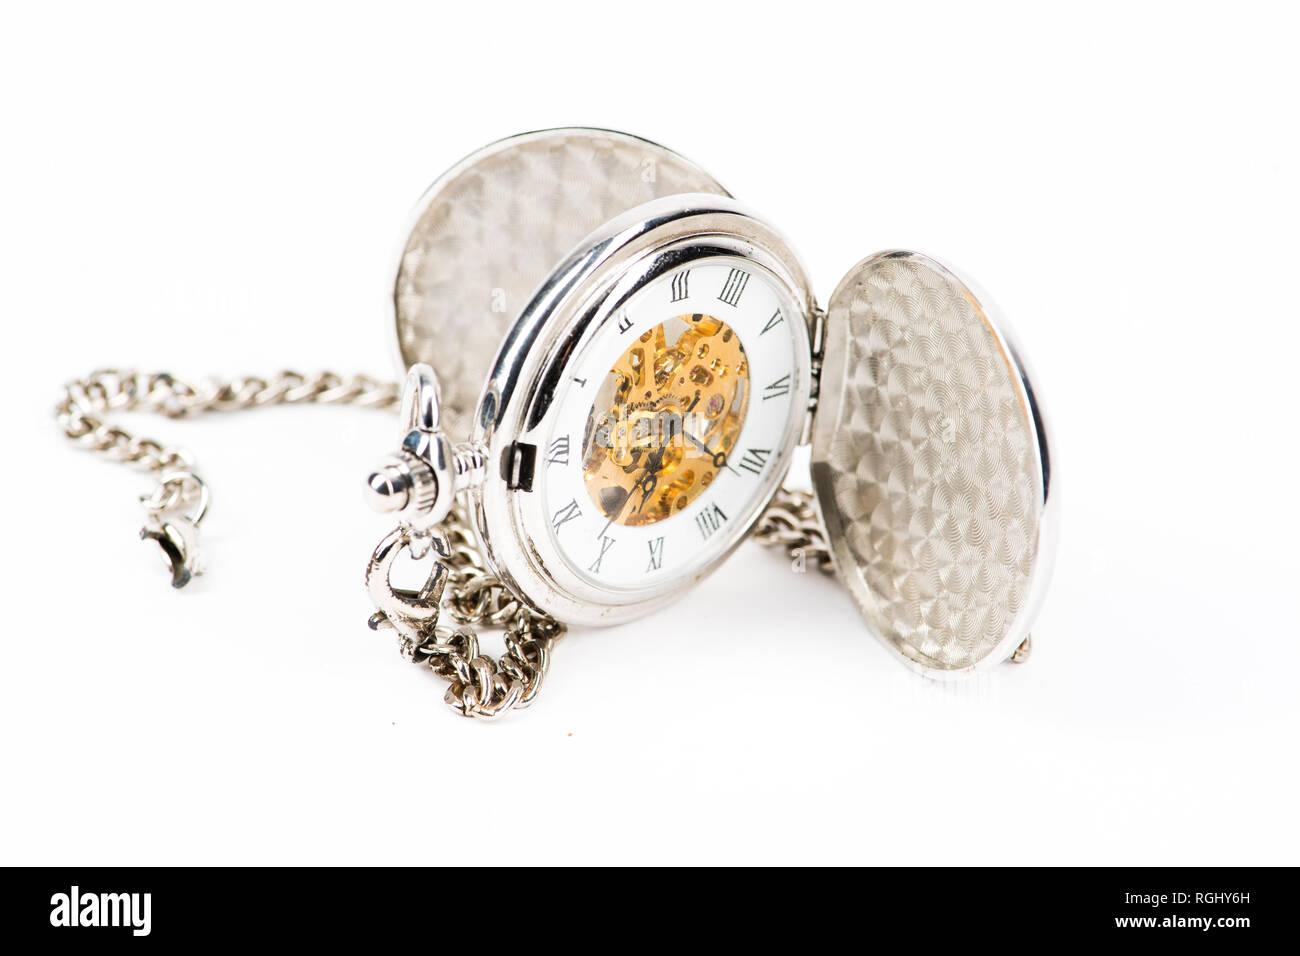 Retro altmodische antike Taschenuhr oder fob Watch, silbernes Metallgehäuse, öffnen, wird die Zeit zeigen. Auf weiß Isoliert Stockbild